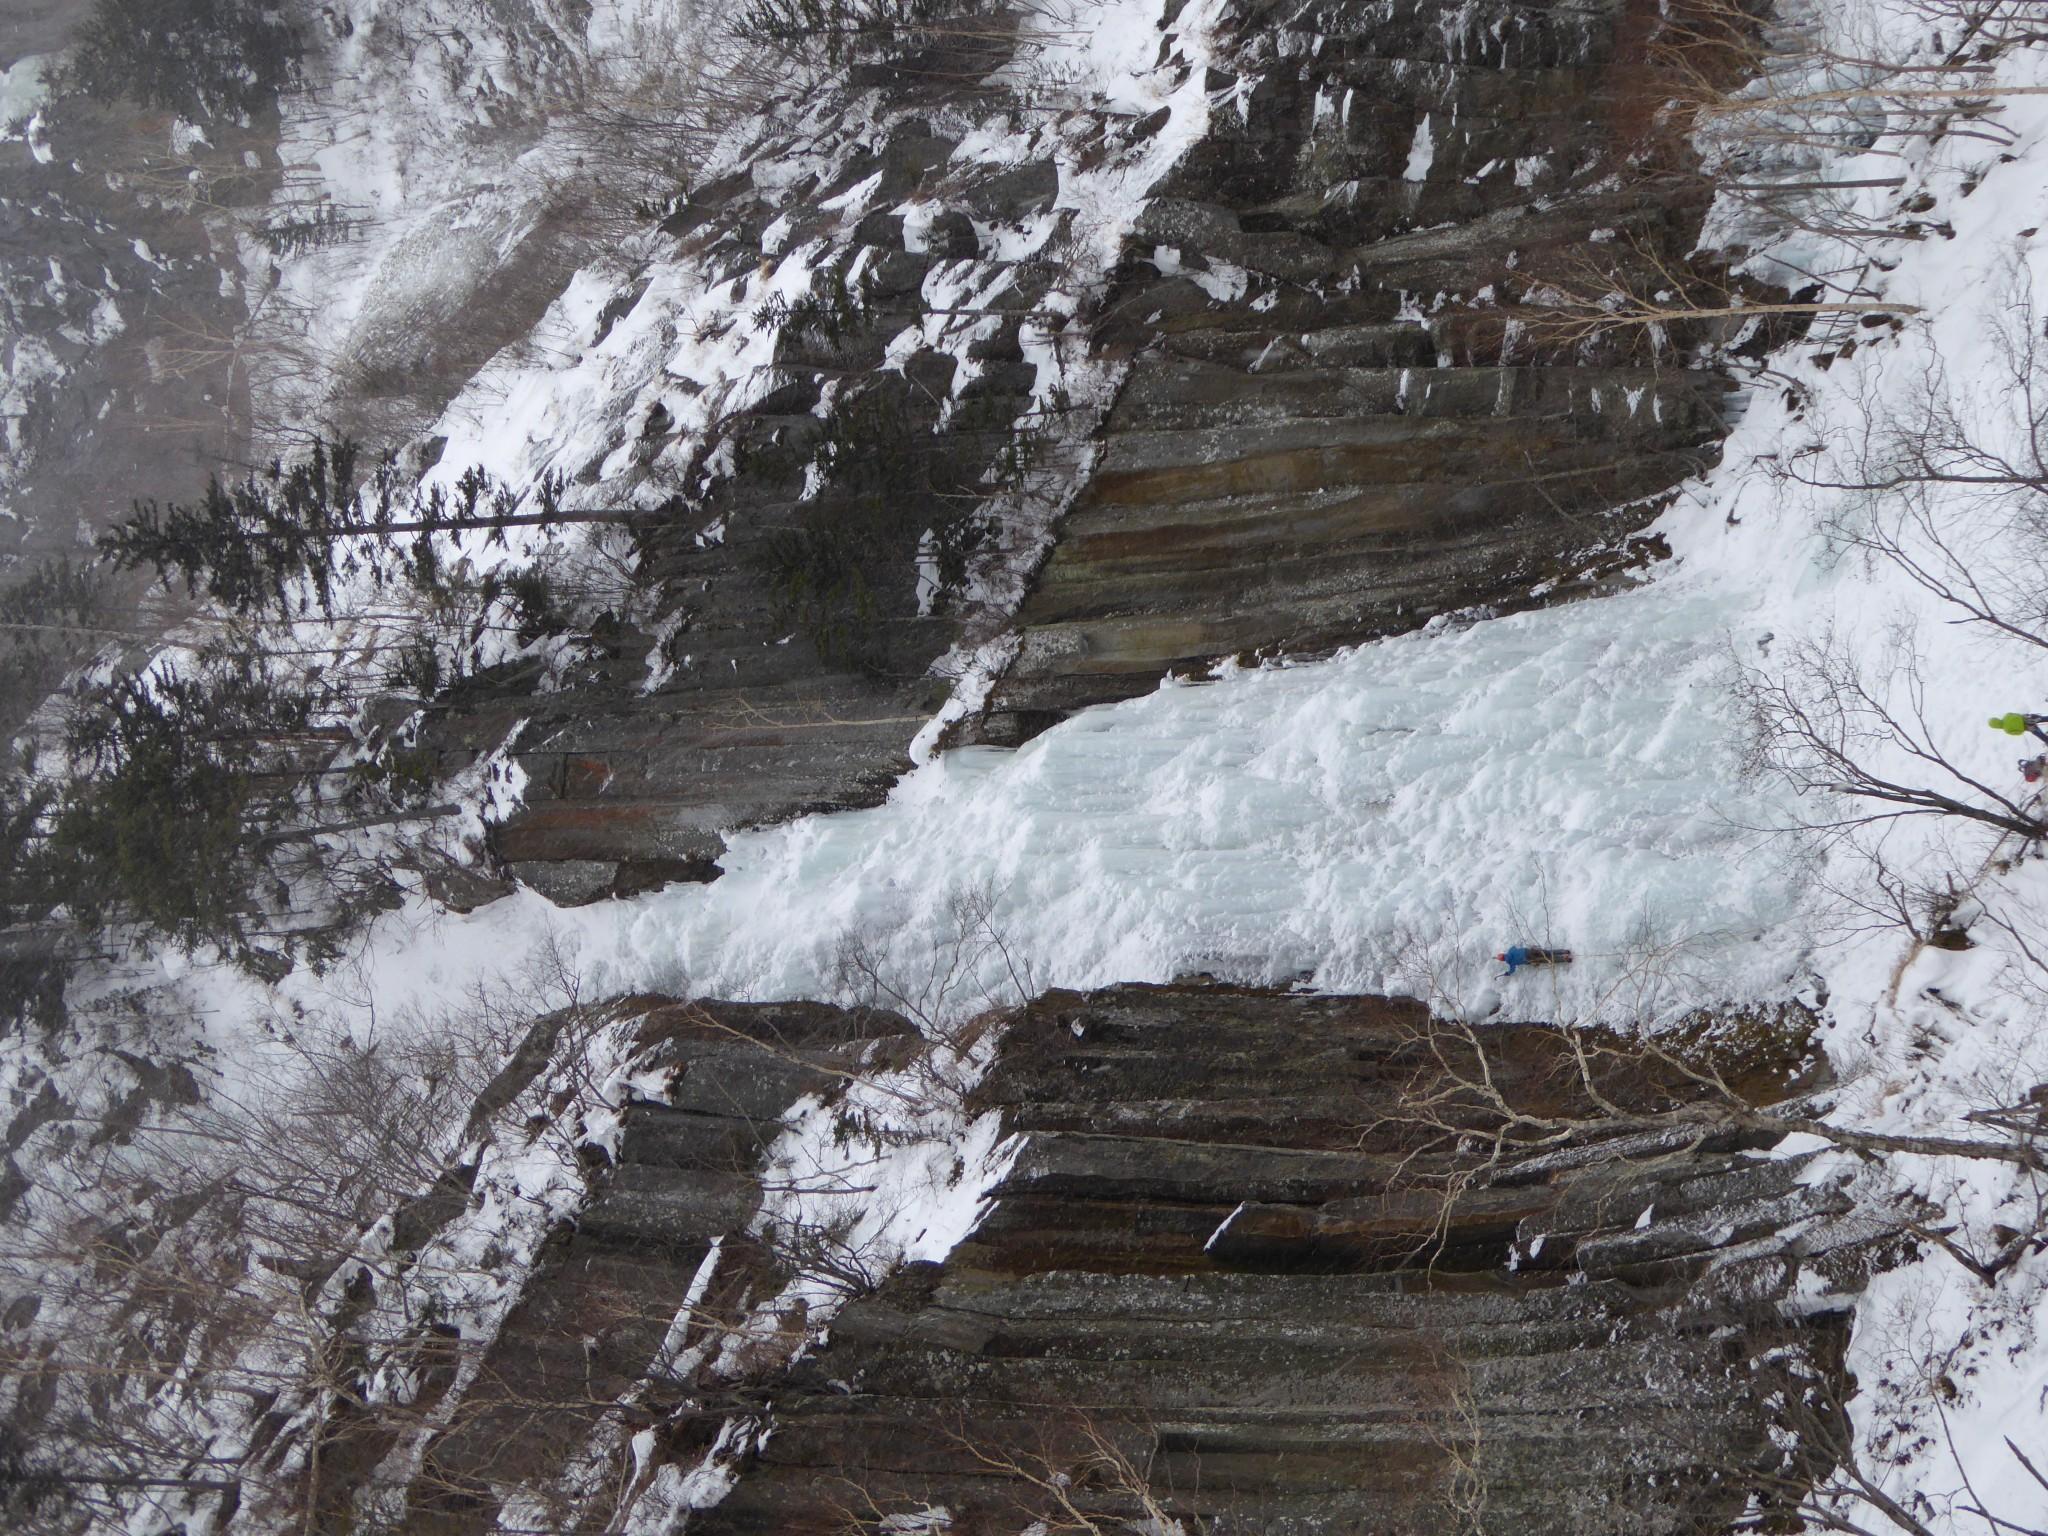 アイスクライミング 北海道・層雲峡・錦糸滝 (Iceclimbing Hokkaido, Sounkyo, Kinshi Fall)